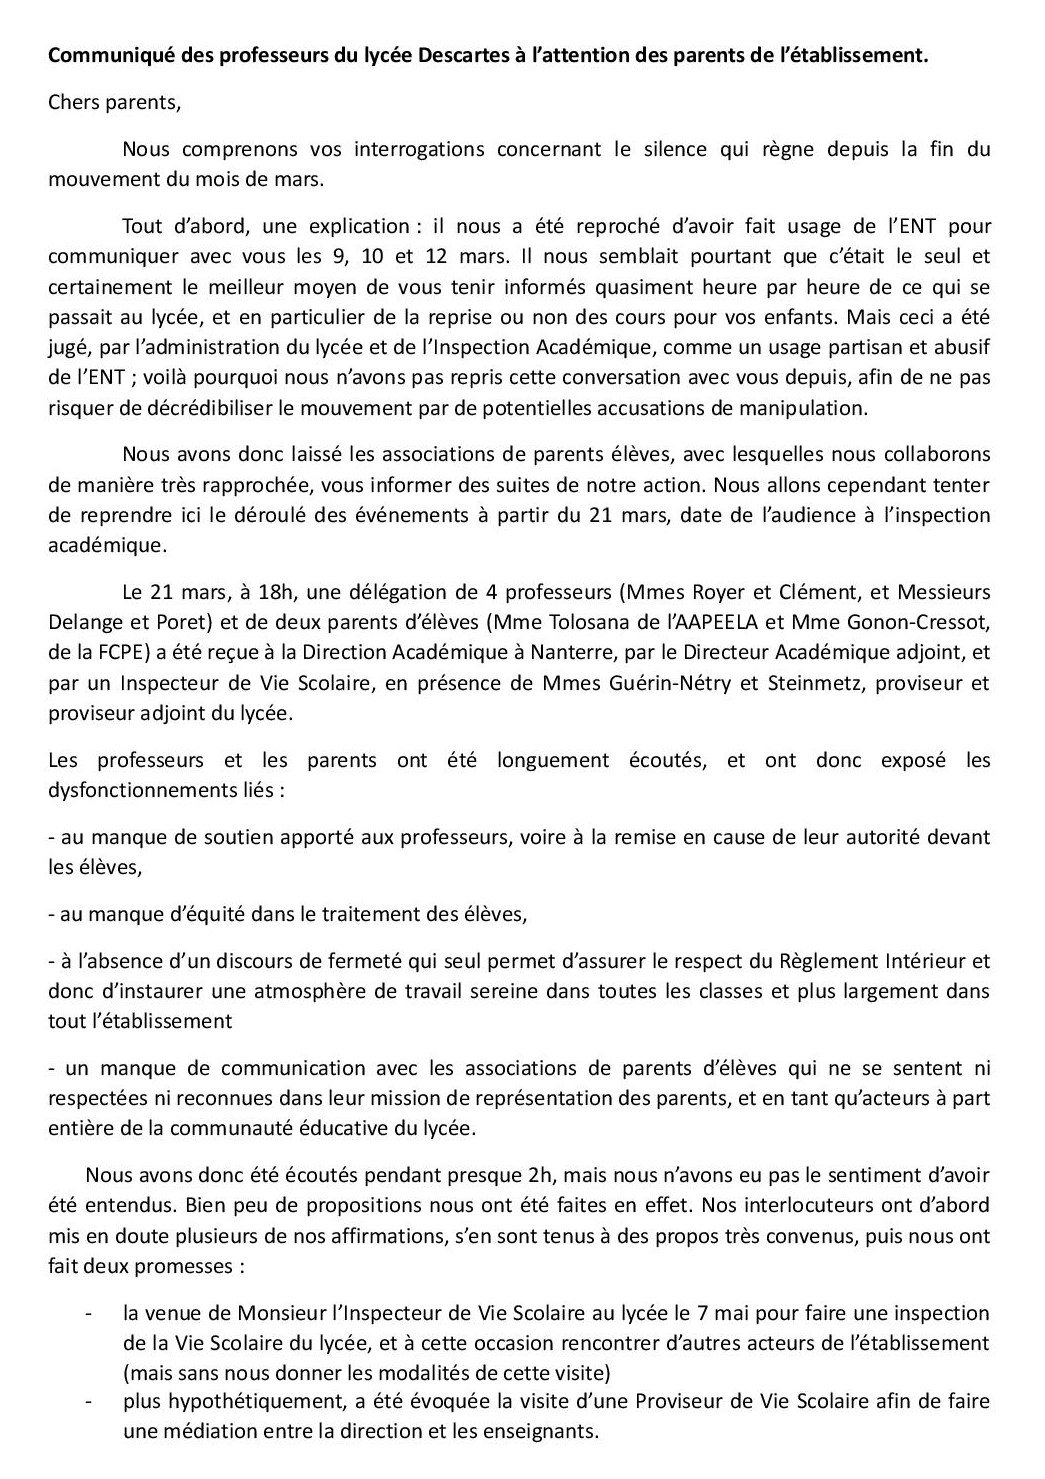 Communique des professeurs du lyce e descartes aux parents 31 mai page 2